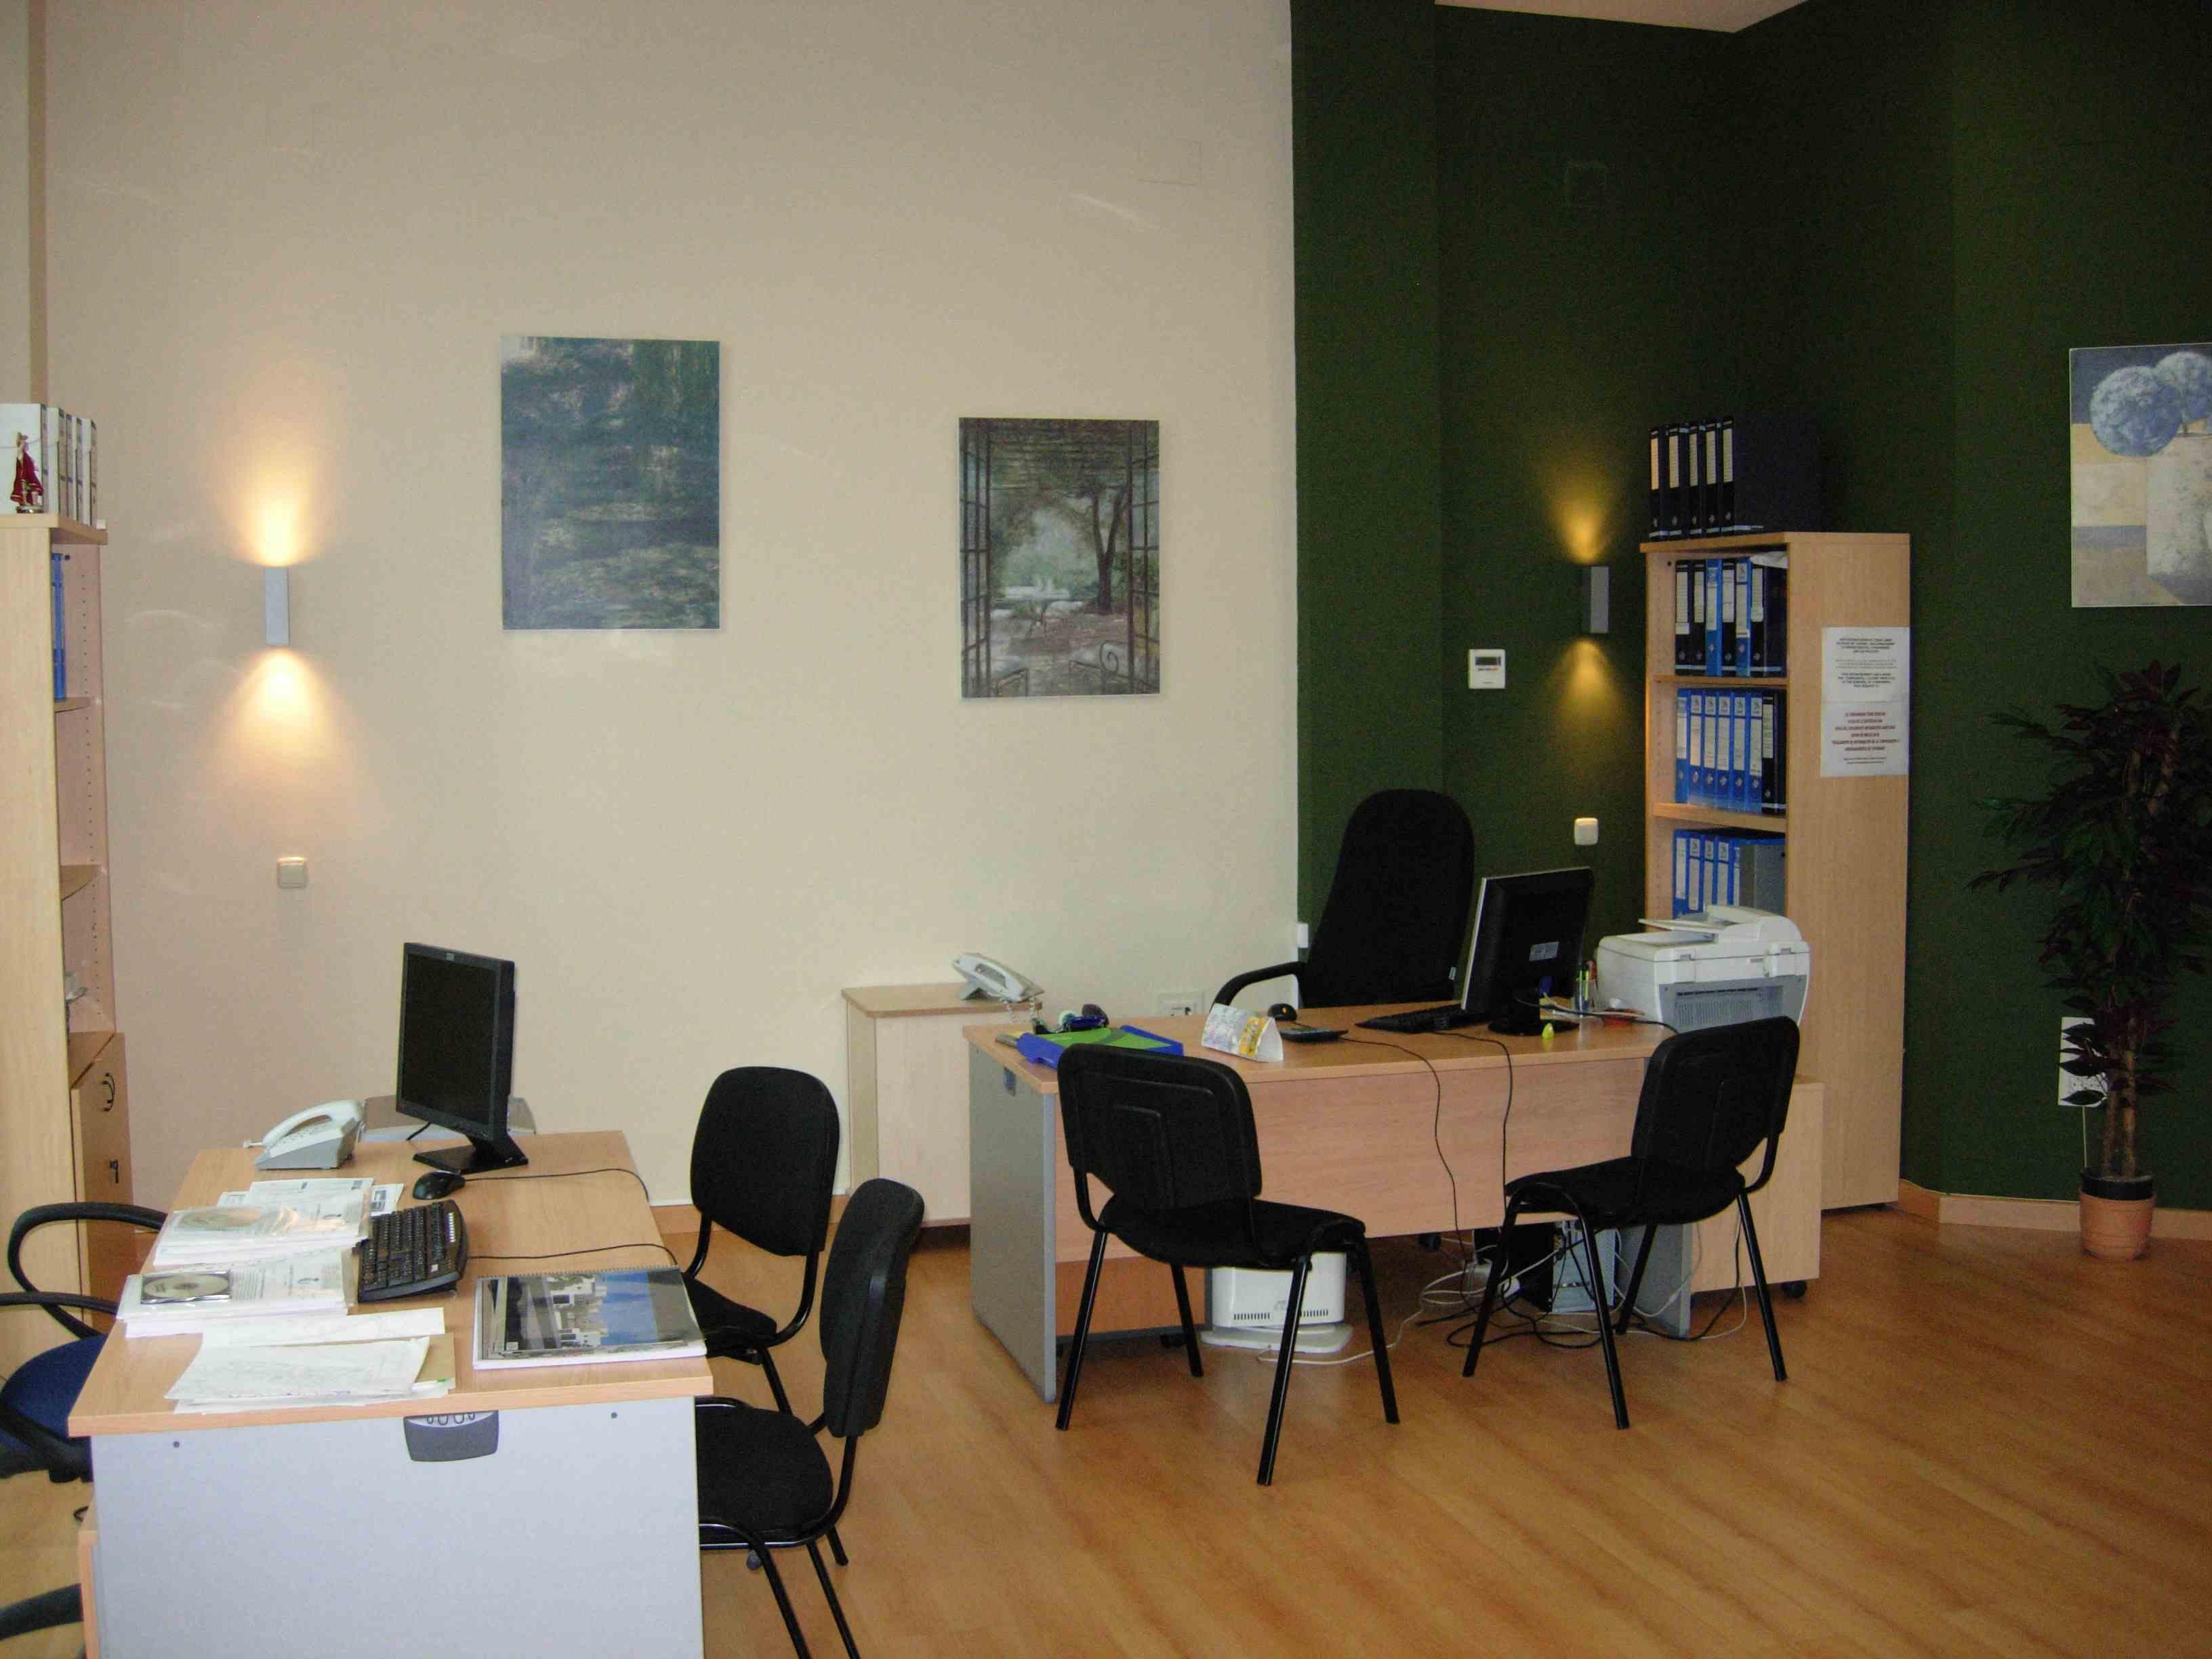 locales-y-oficinas-27